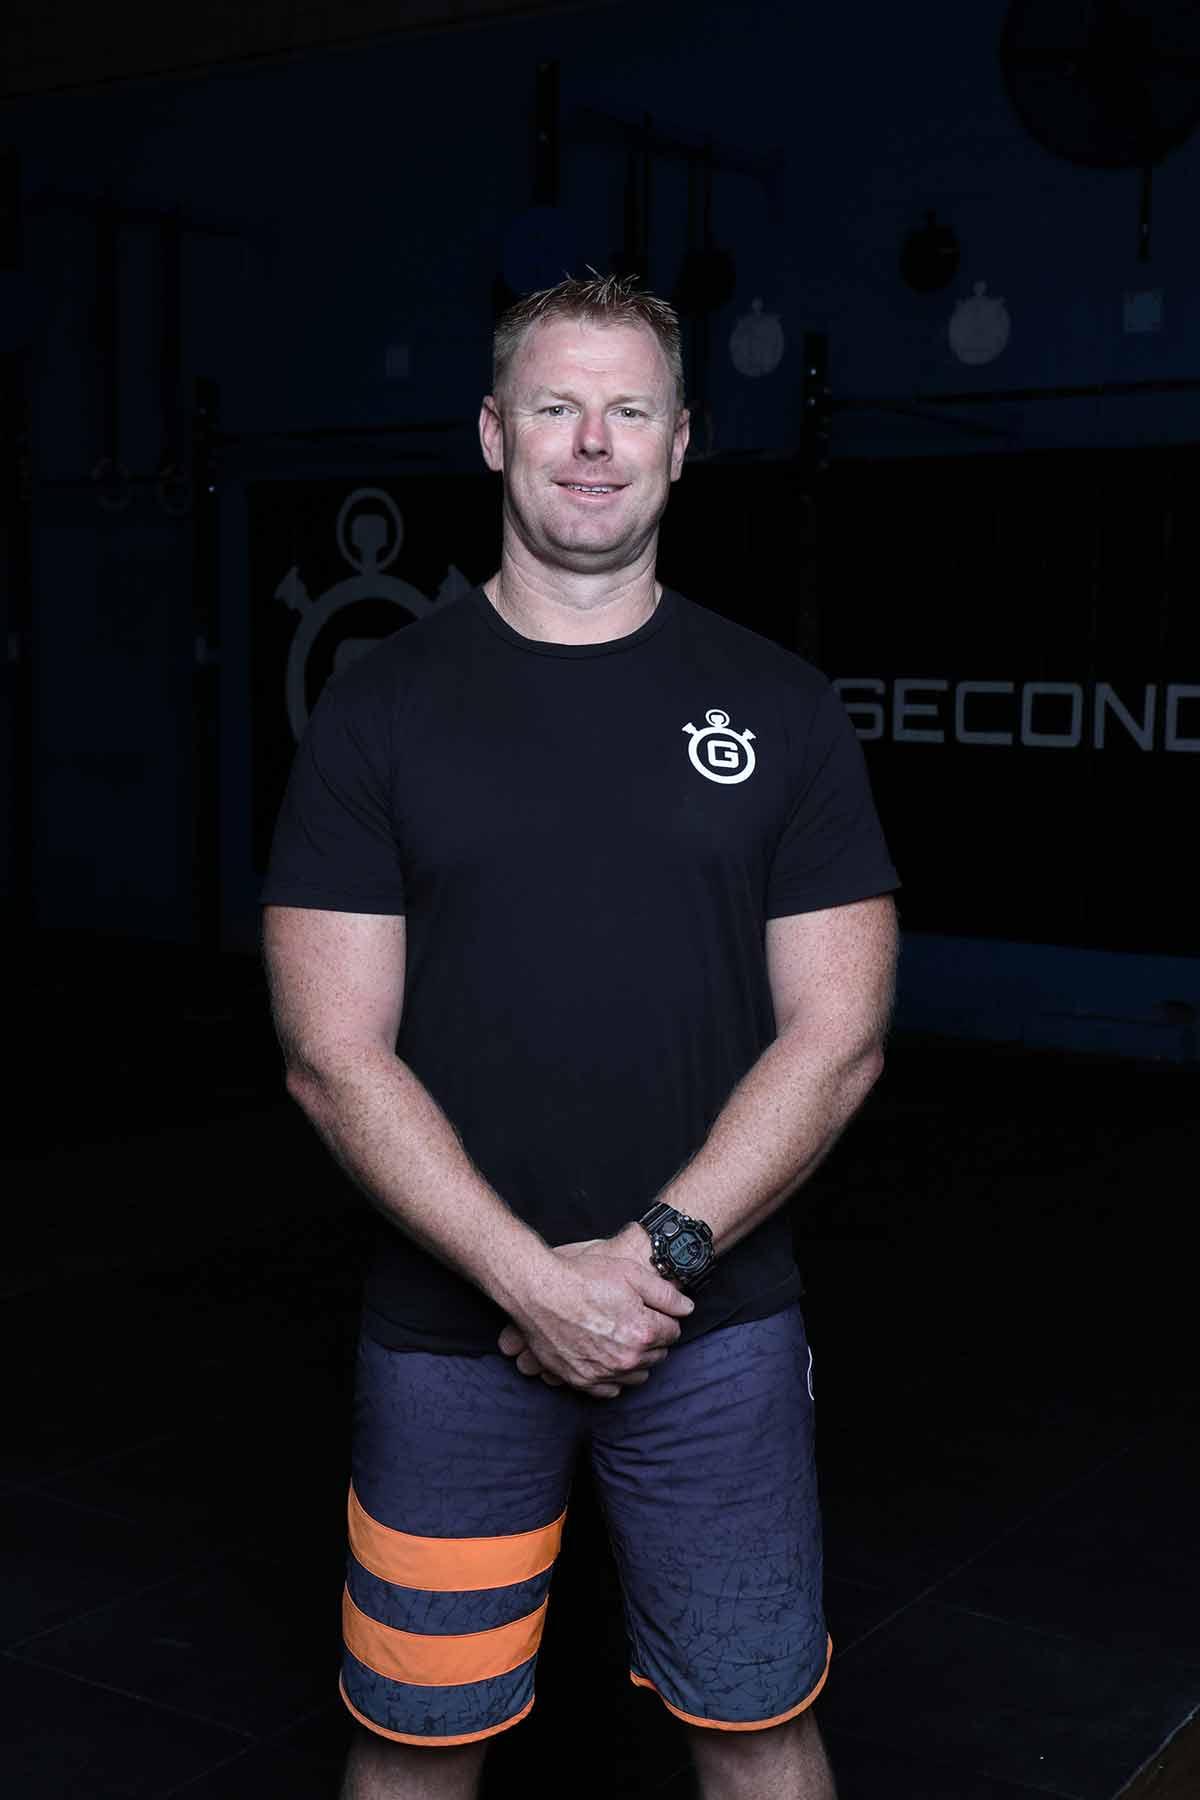 Matt-coach